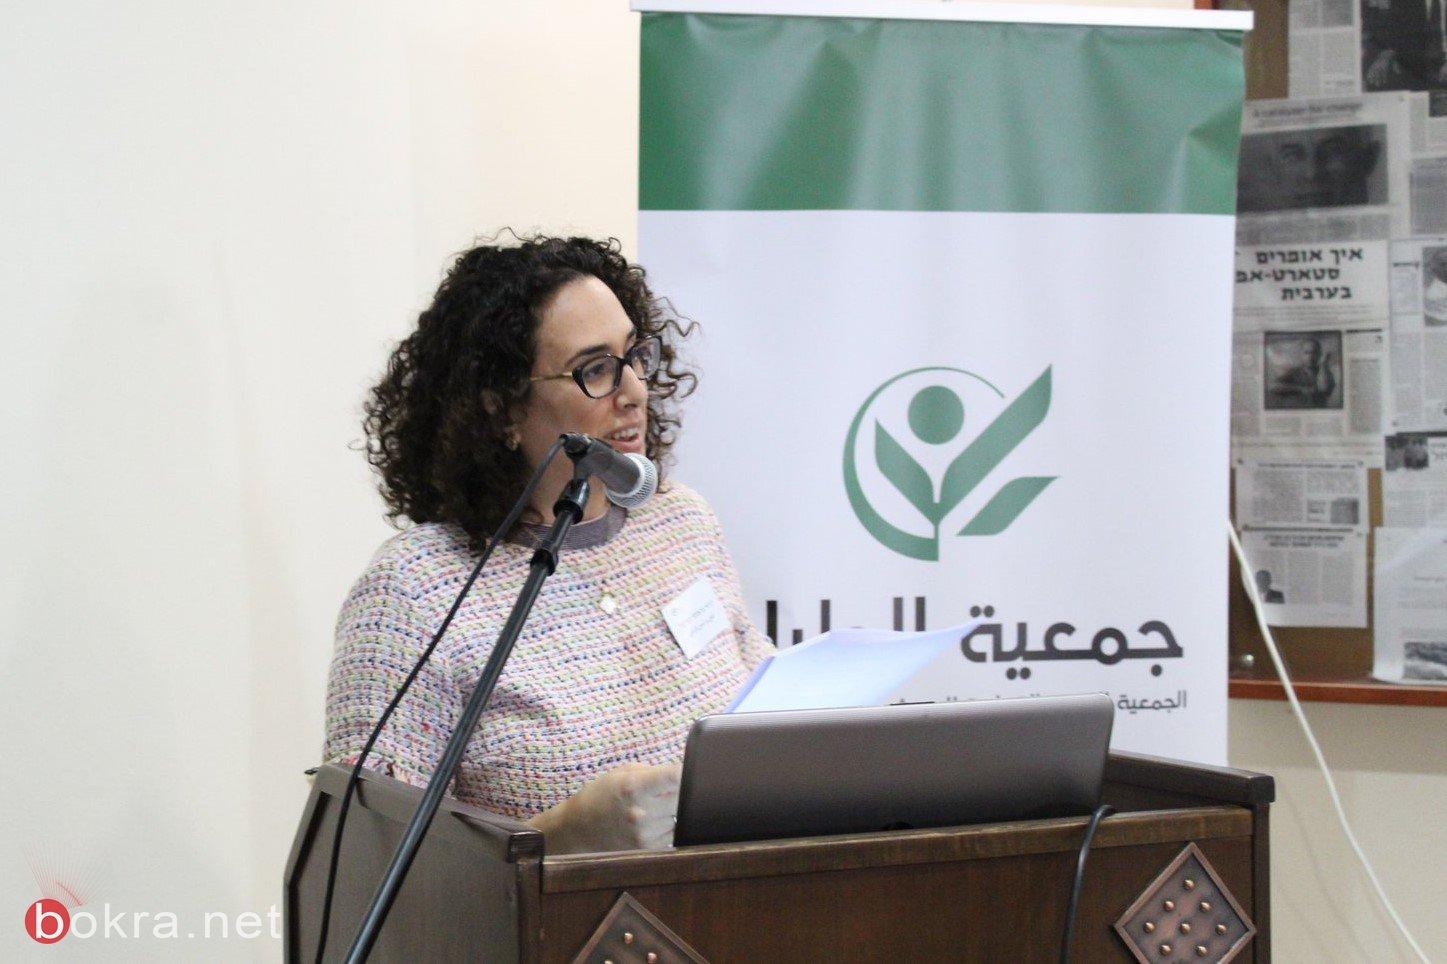 جمعية الجليل تطلق مؤتمرها العلمي السنوي للعام 2019 -13